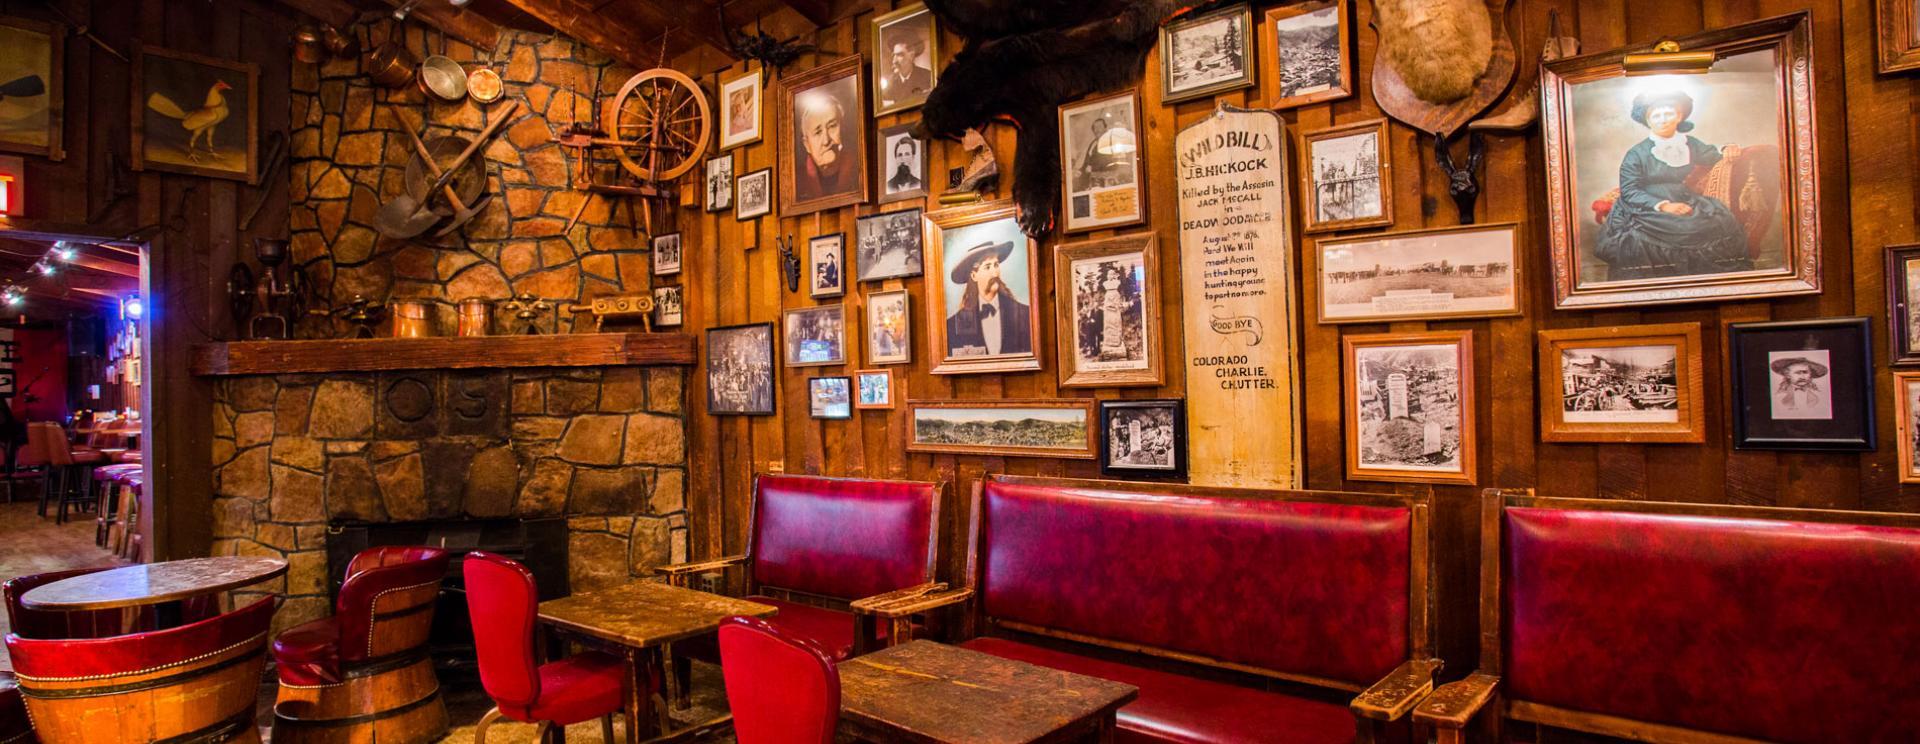 Old Style Saloon #10